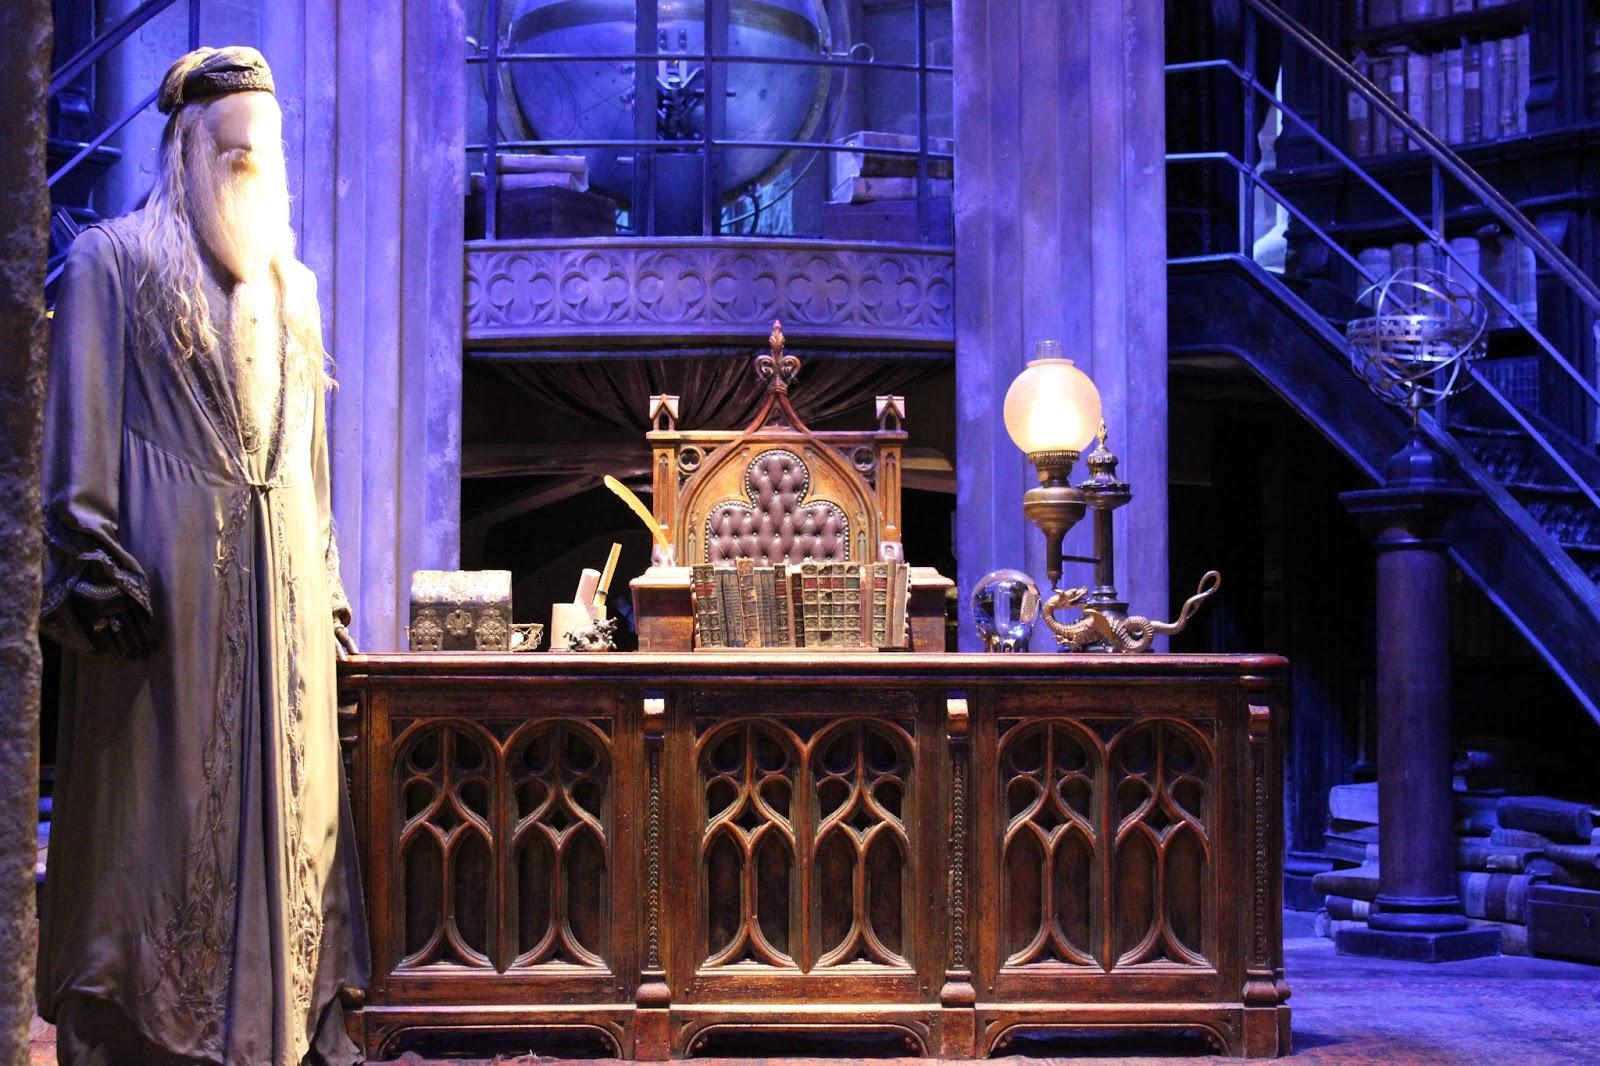 Harry Potter studio tour london Dumbledore office